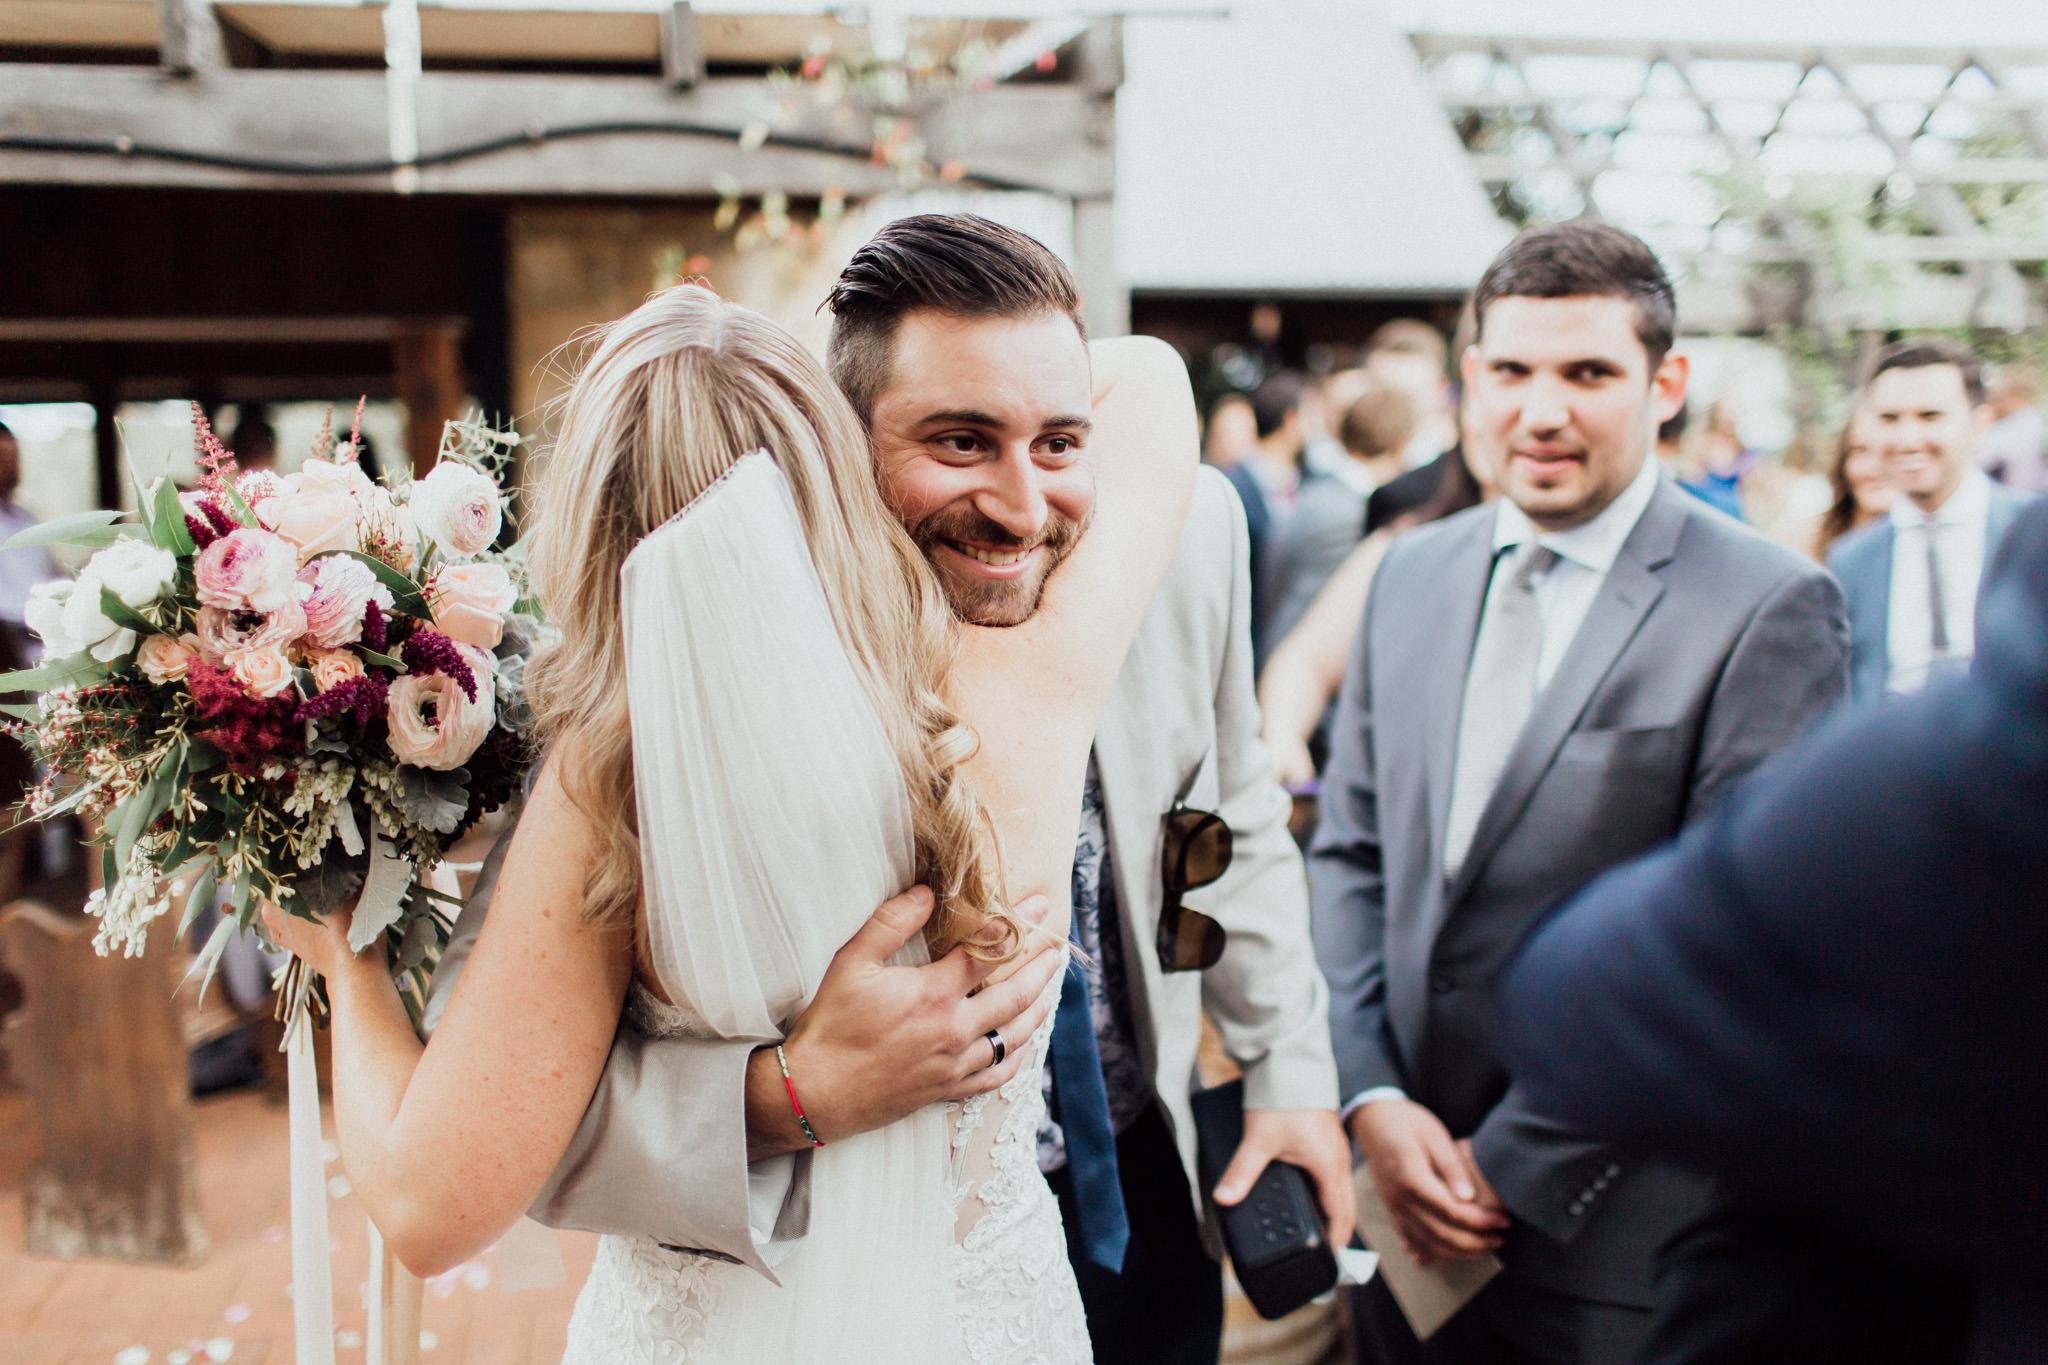 WeddingPhotos_Facebook_2048pixels-1061.jpg